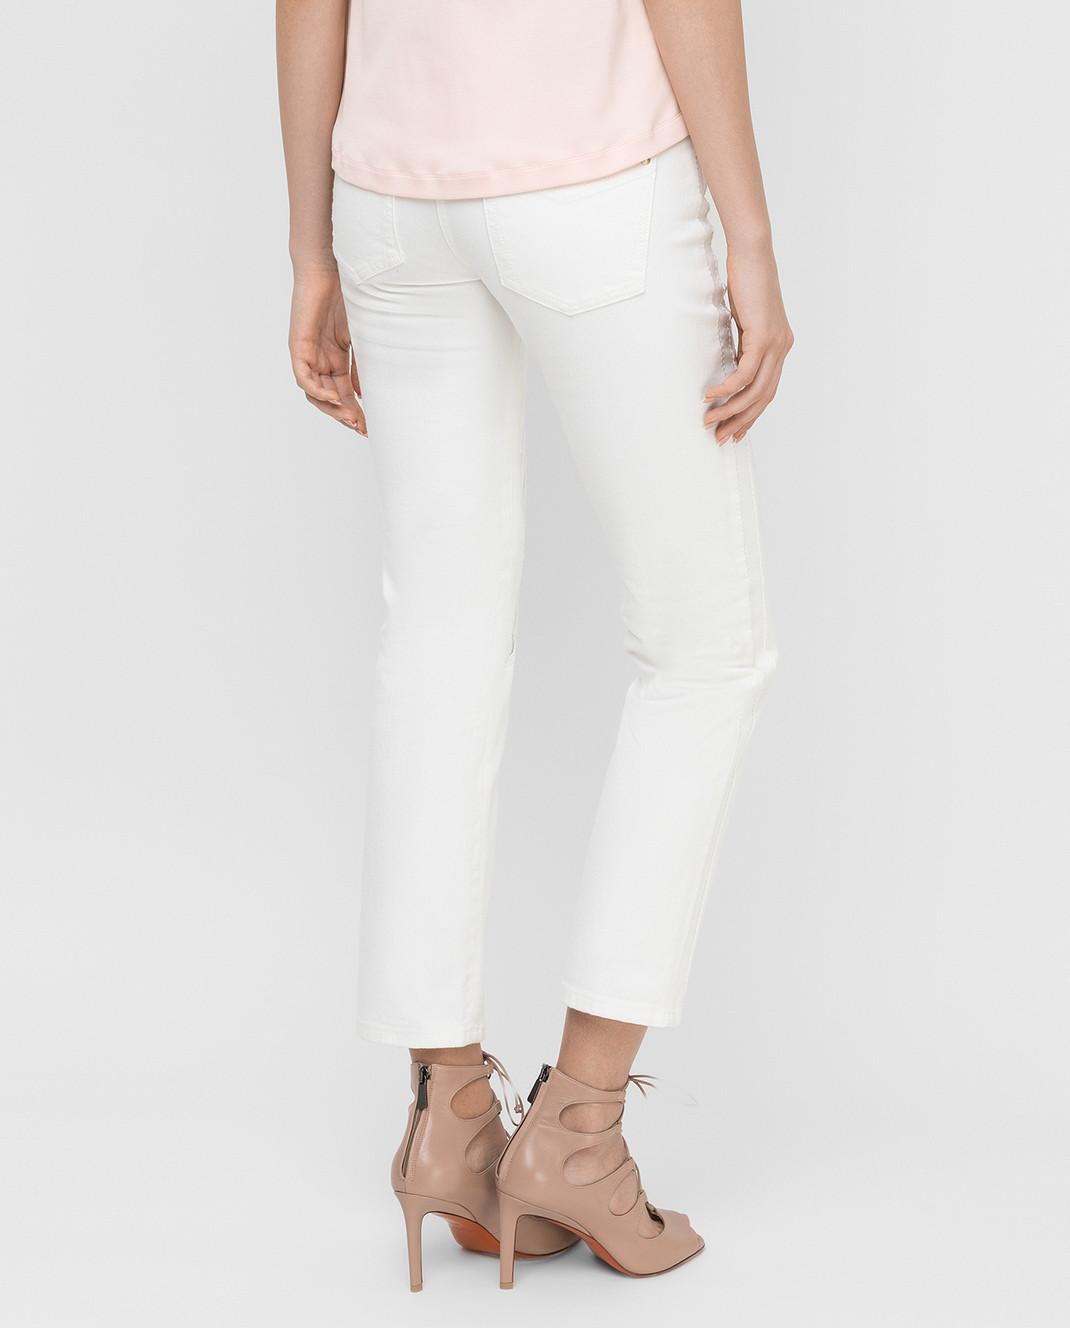 Roberto Cavalli Белые джинсы CQJ241 изображение 4